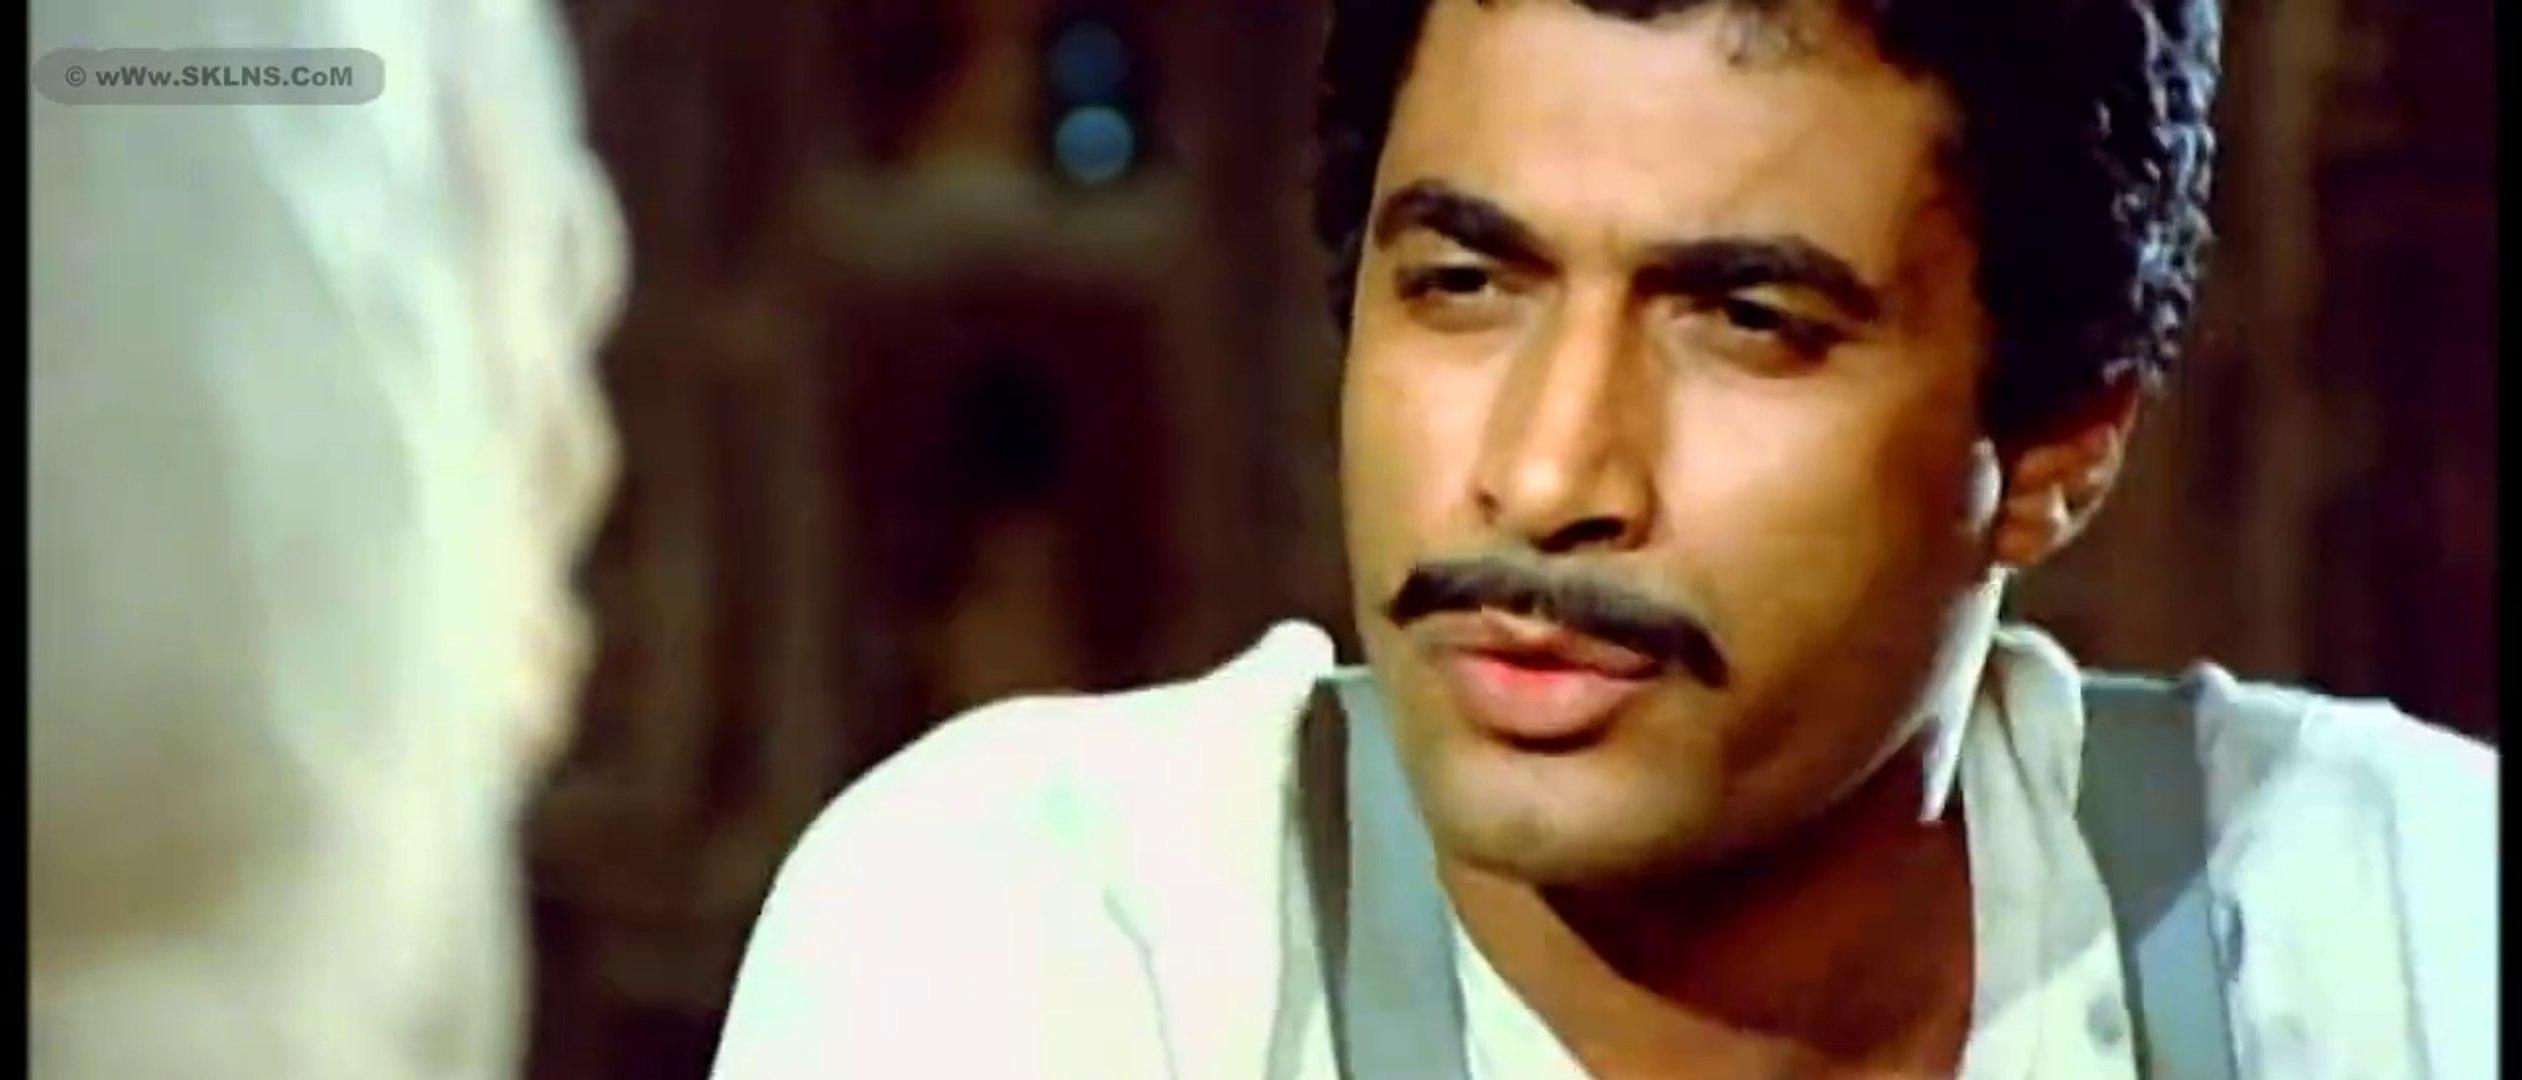 فيلم سعد اليتيم 1985 كامل - بطولة احمد زكي وفريد شوقي - بجودة عالية HD